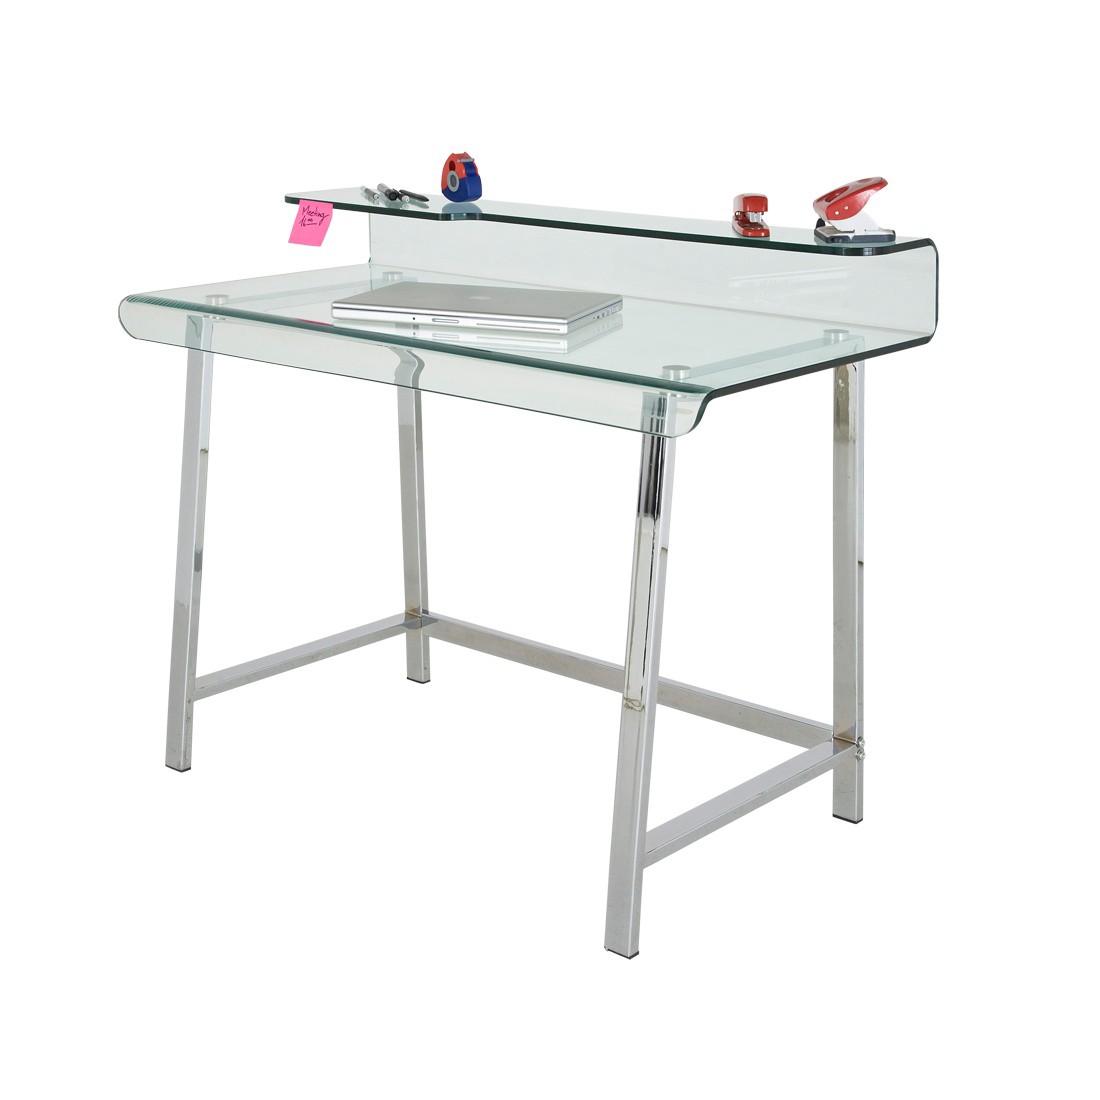 Schreibtisch Aero - Glasplatte auf Edelstahlgestell, Kare Design